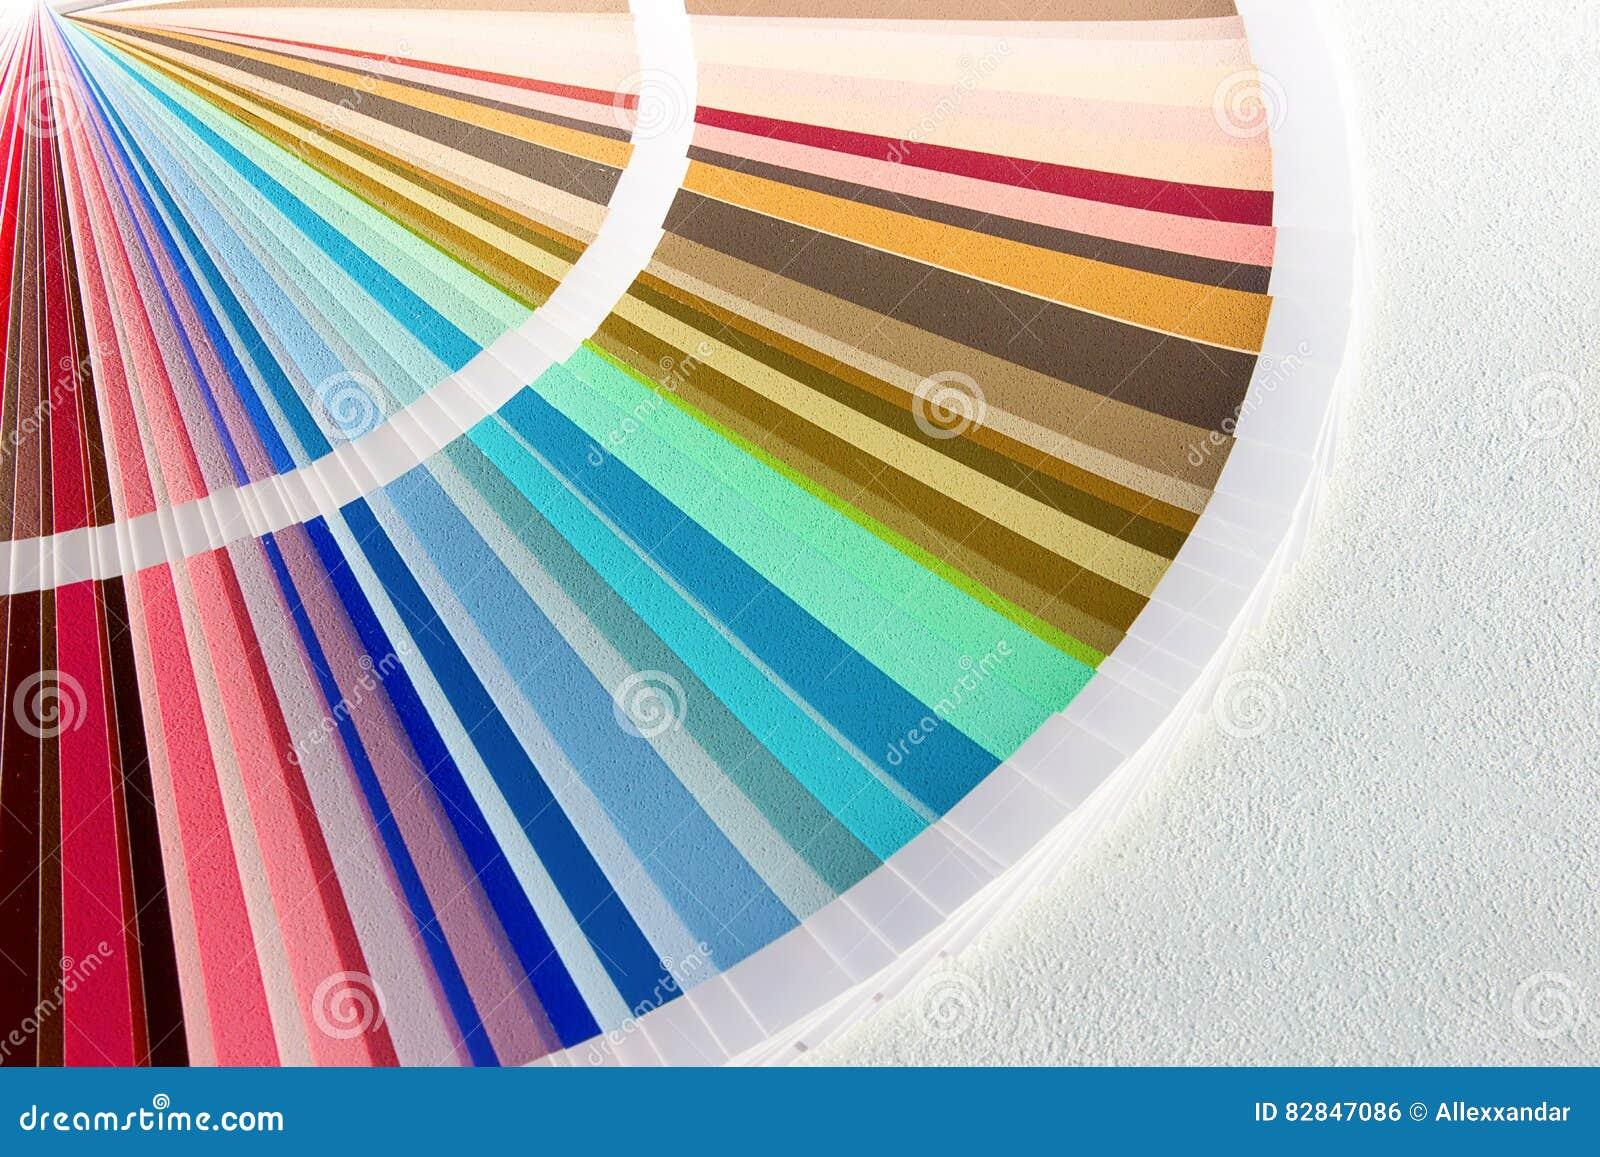 La Muestra Colorea El Catálogo Guía De La Gama De Colores De Color ...